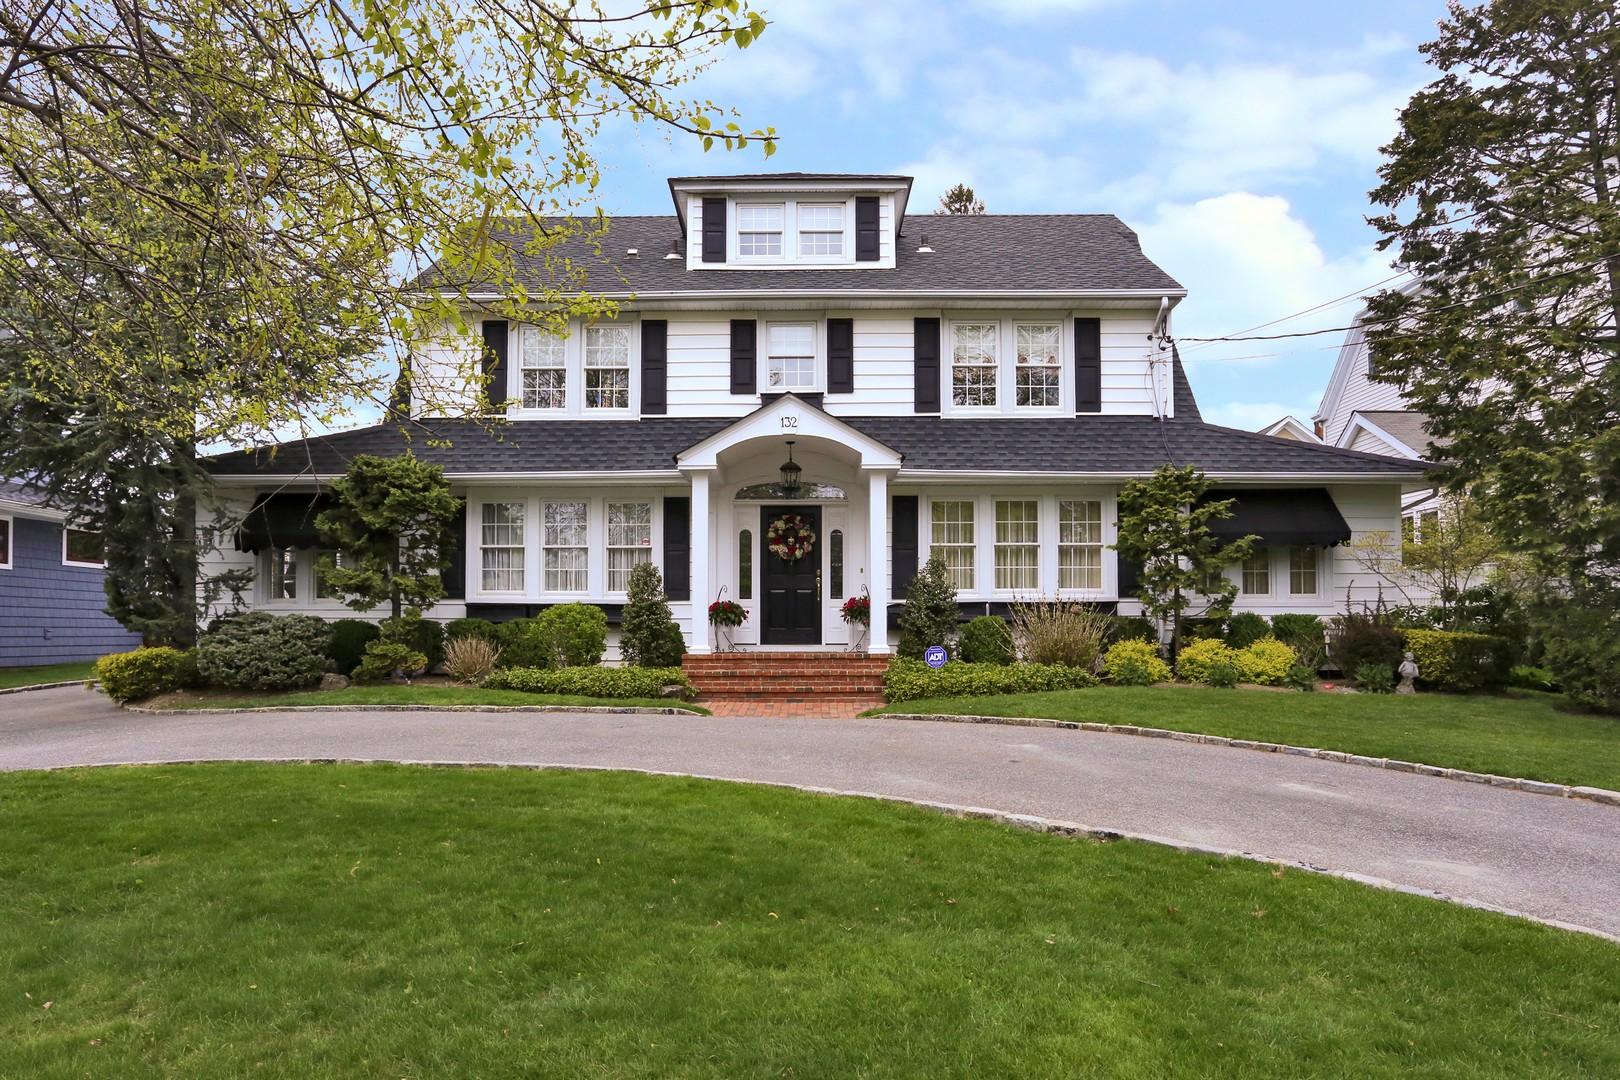 Nhà ở một gia đình vì Bán tại Colonial 132 Hempstead Ave Rockville Centre, New York, 11570 Hoa Kỳ